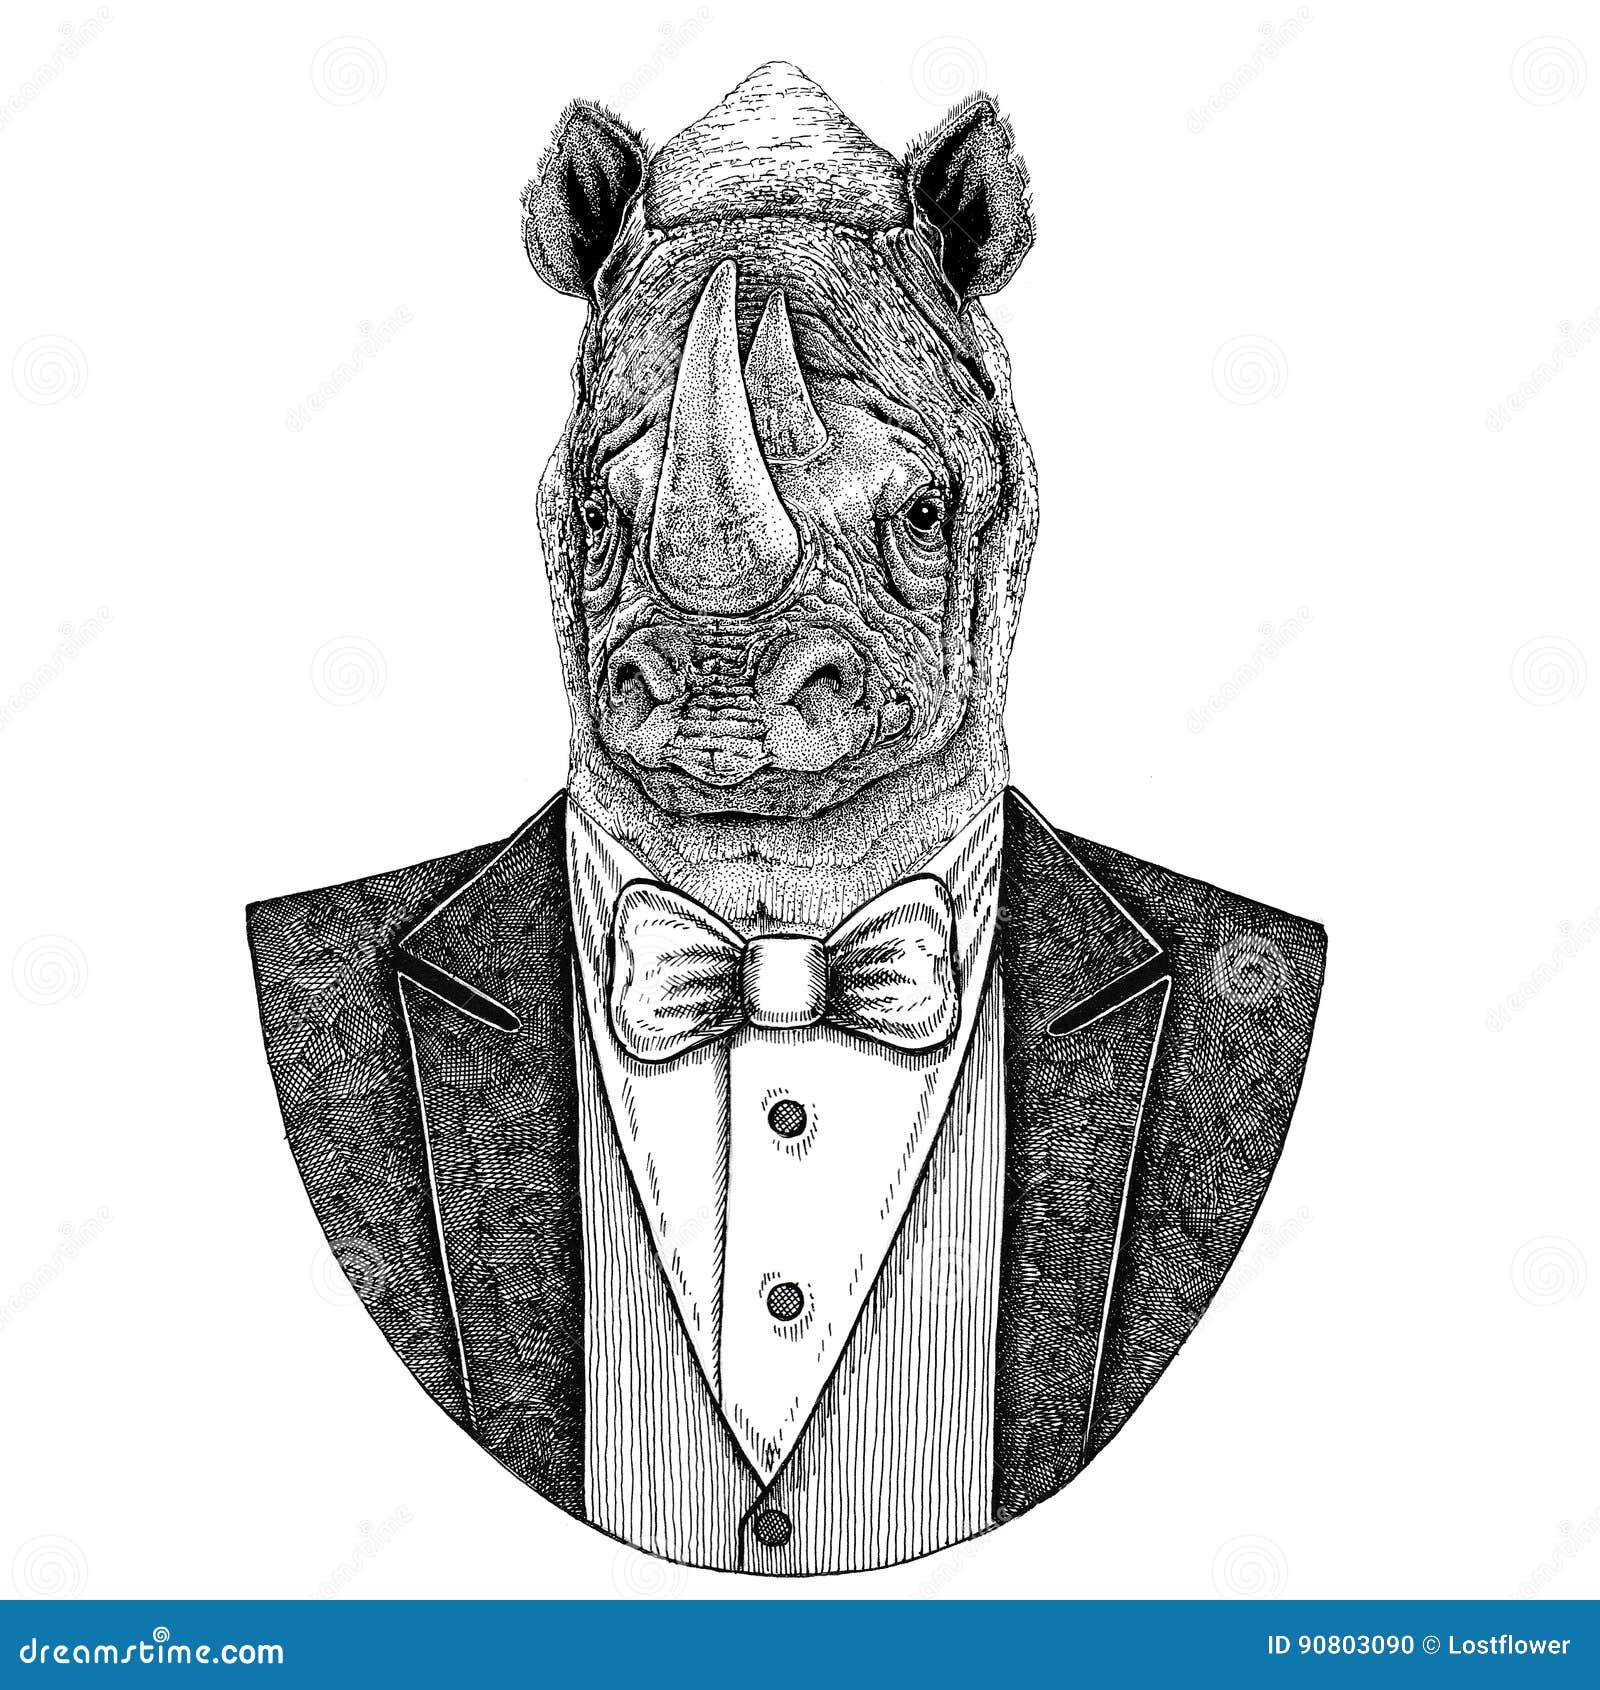 Noshörning dragen illustration för noshörningHipster djur hand för tatueringen, emblem, emblem, logo, lapp, t-skjorta